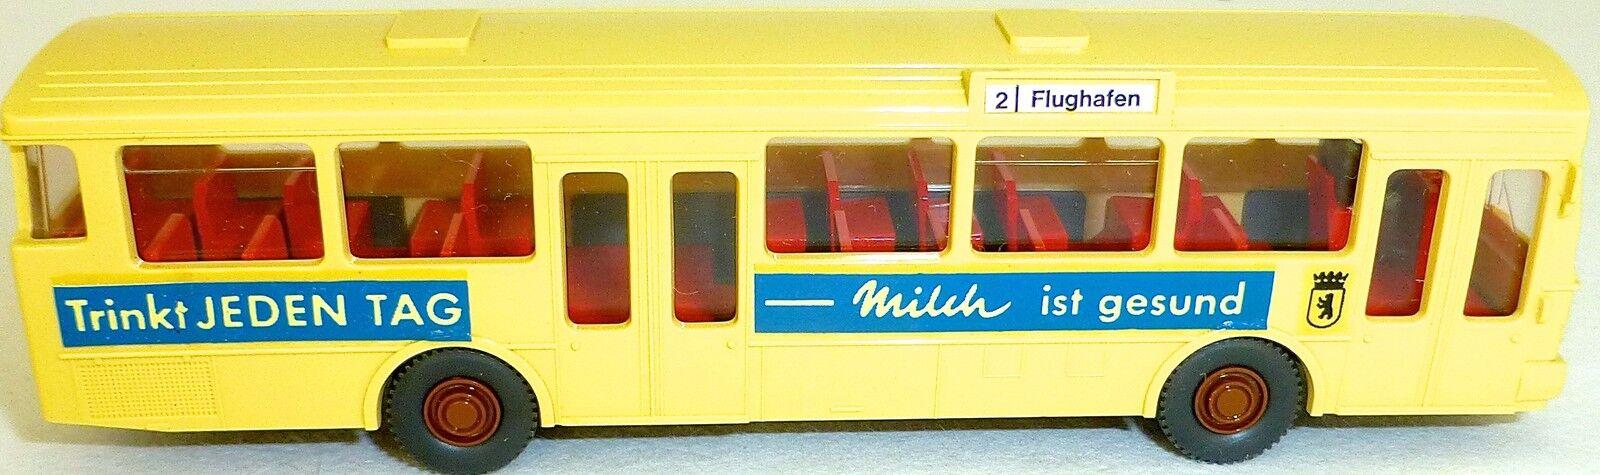 2 Aéroport Boit Lait Lait MB O305 Gesupert en Wiking Bus H0 1 87 Gd4 Å